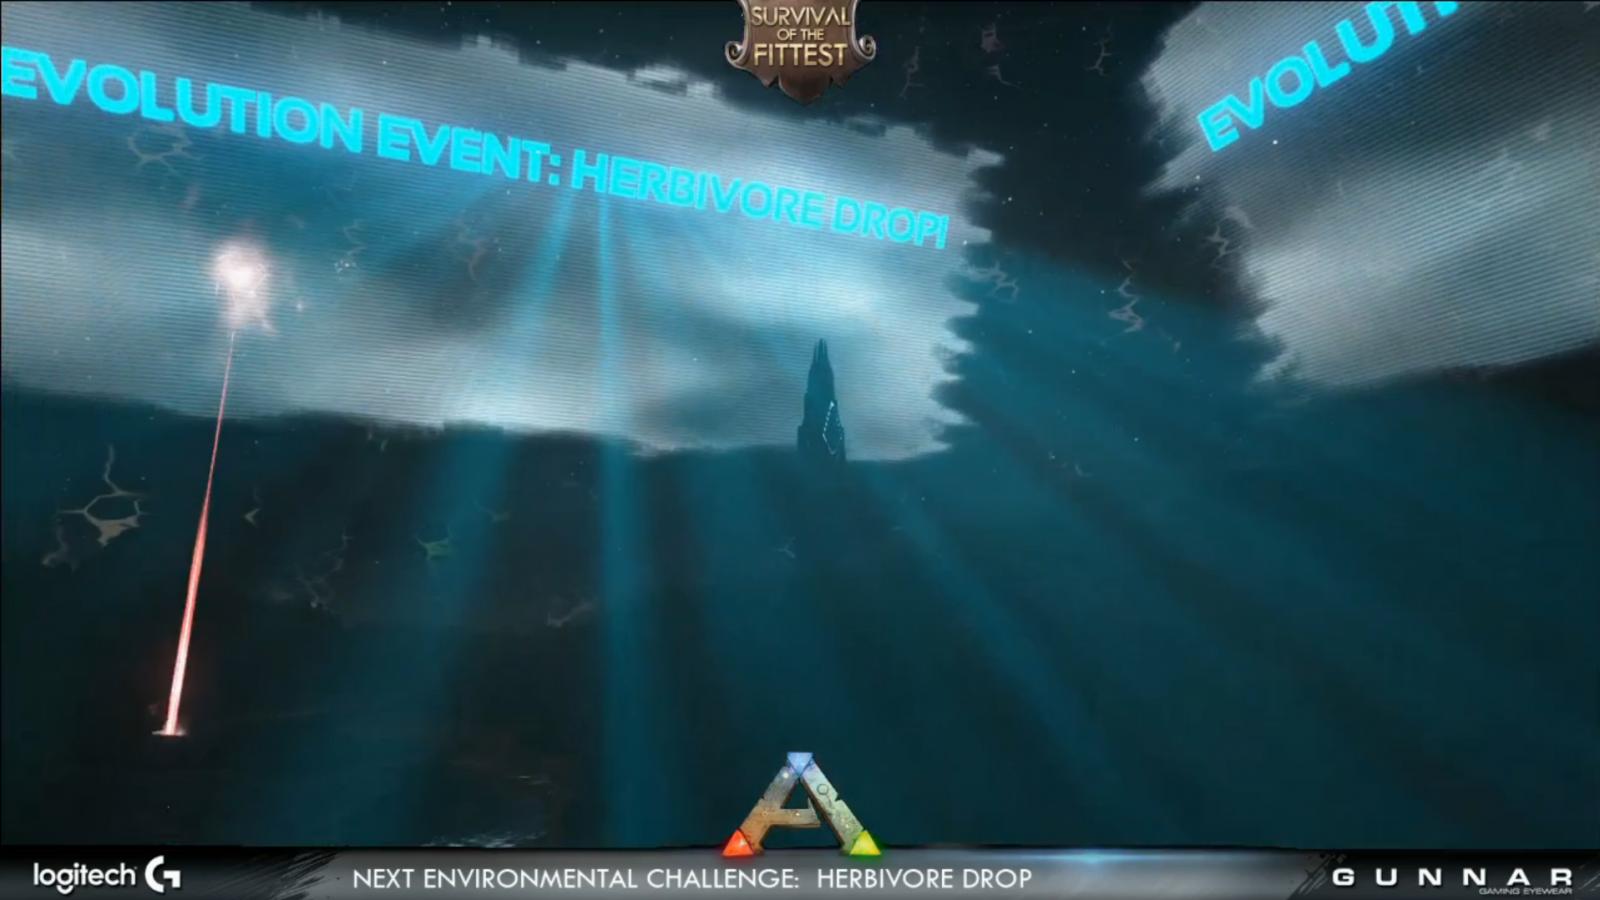 Evolution Event: Herbivore Drop